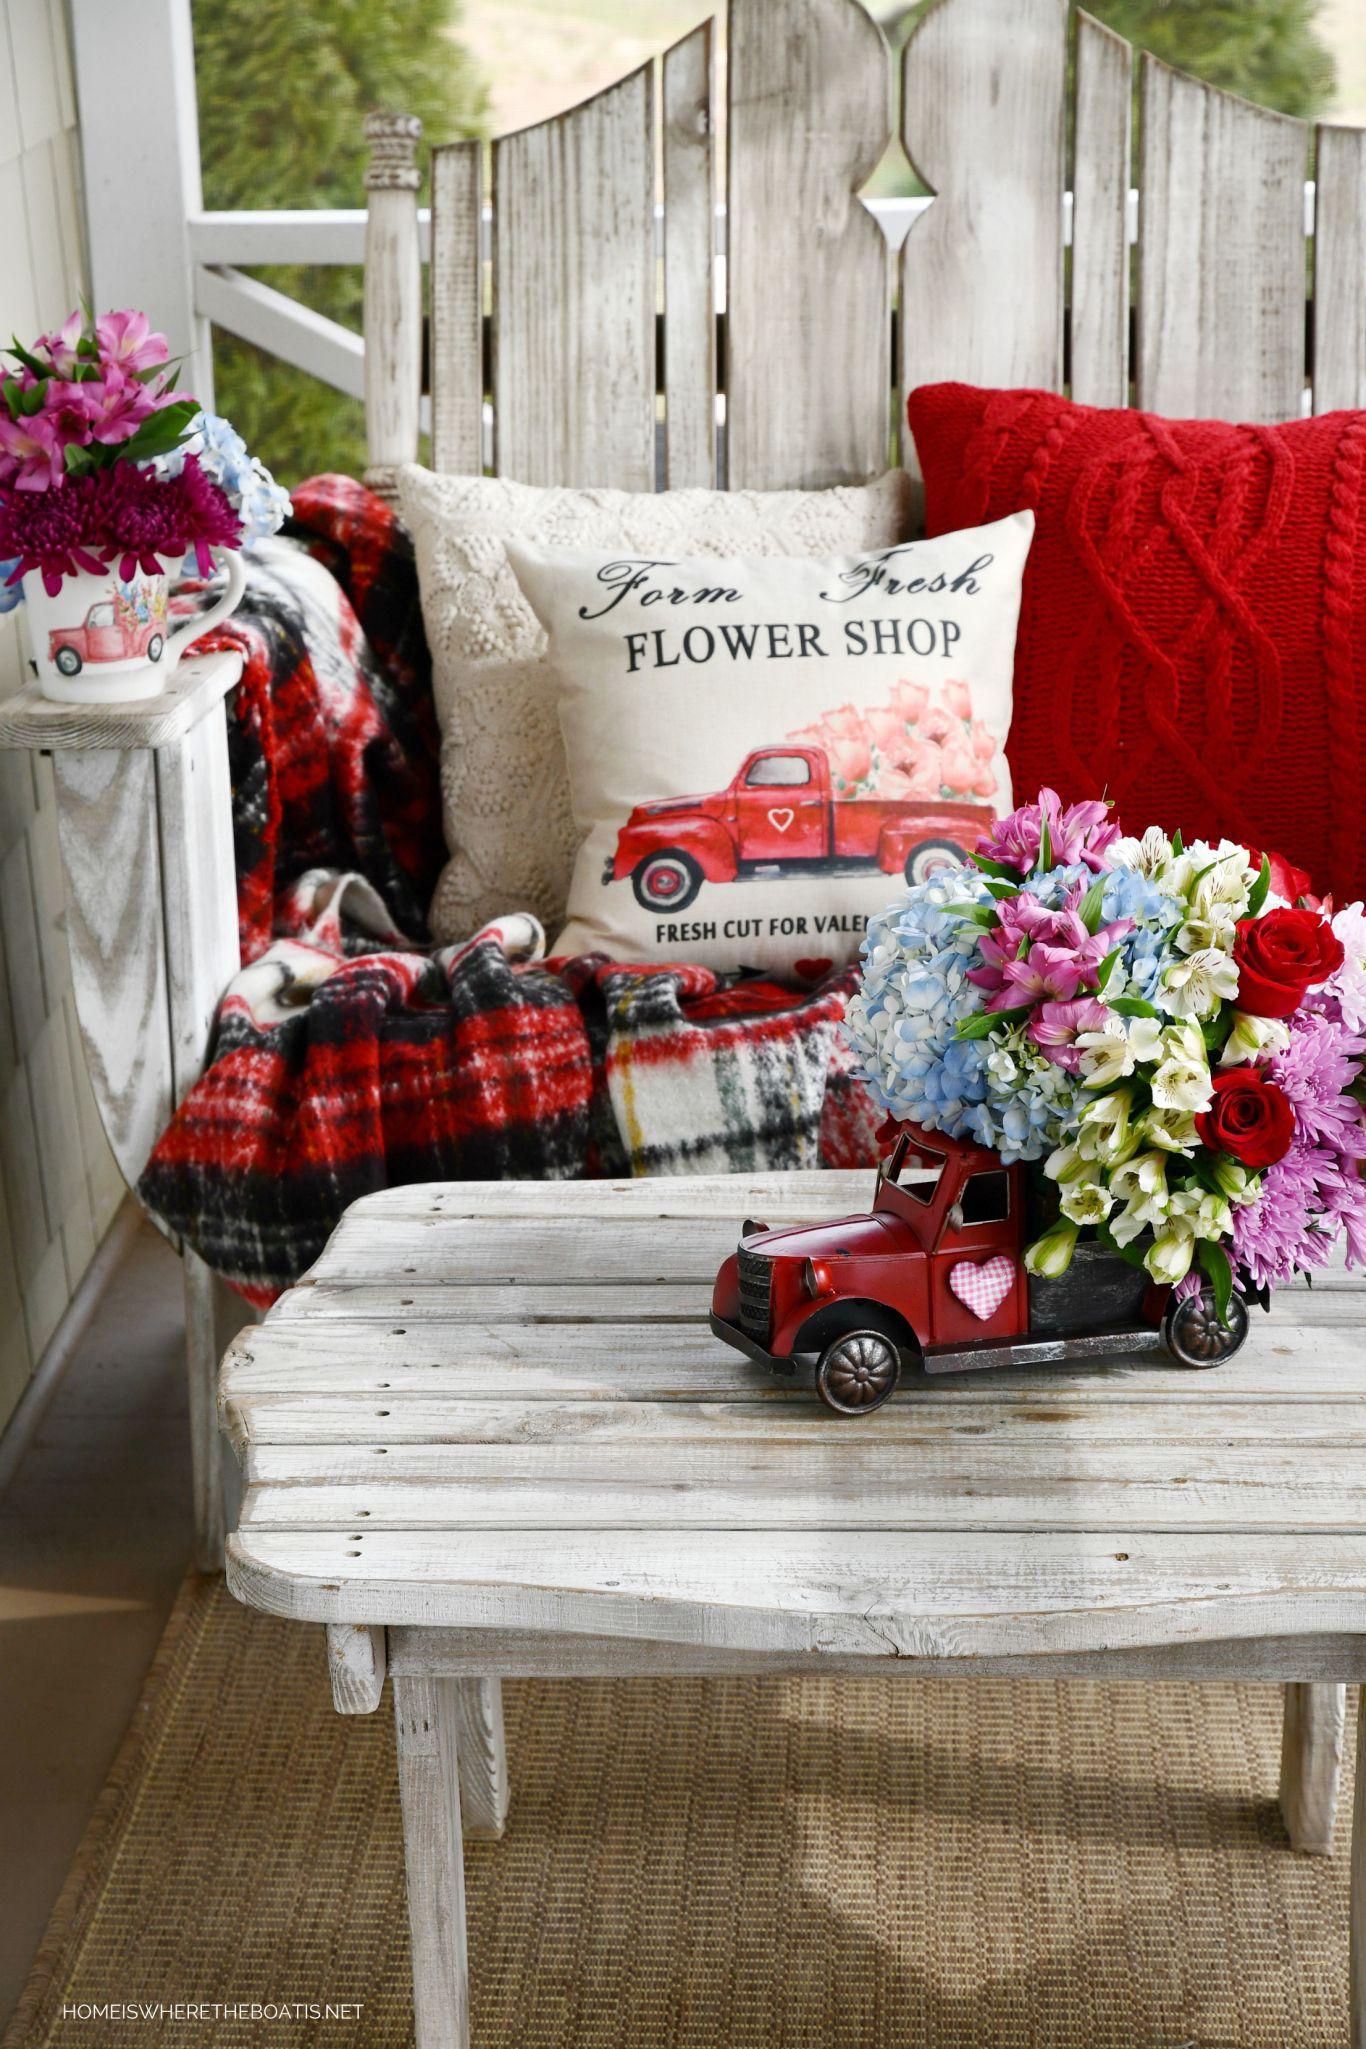 Farm fresh flower shop delivery arrangement for